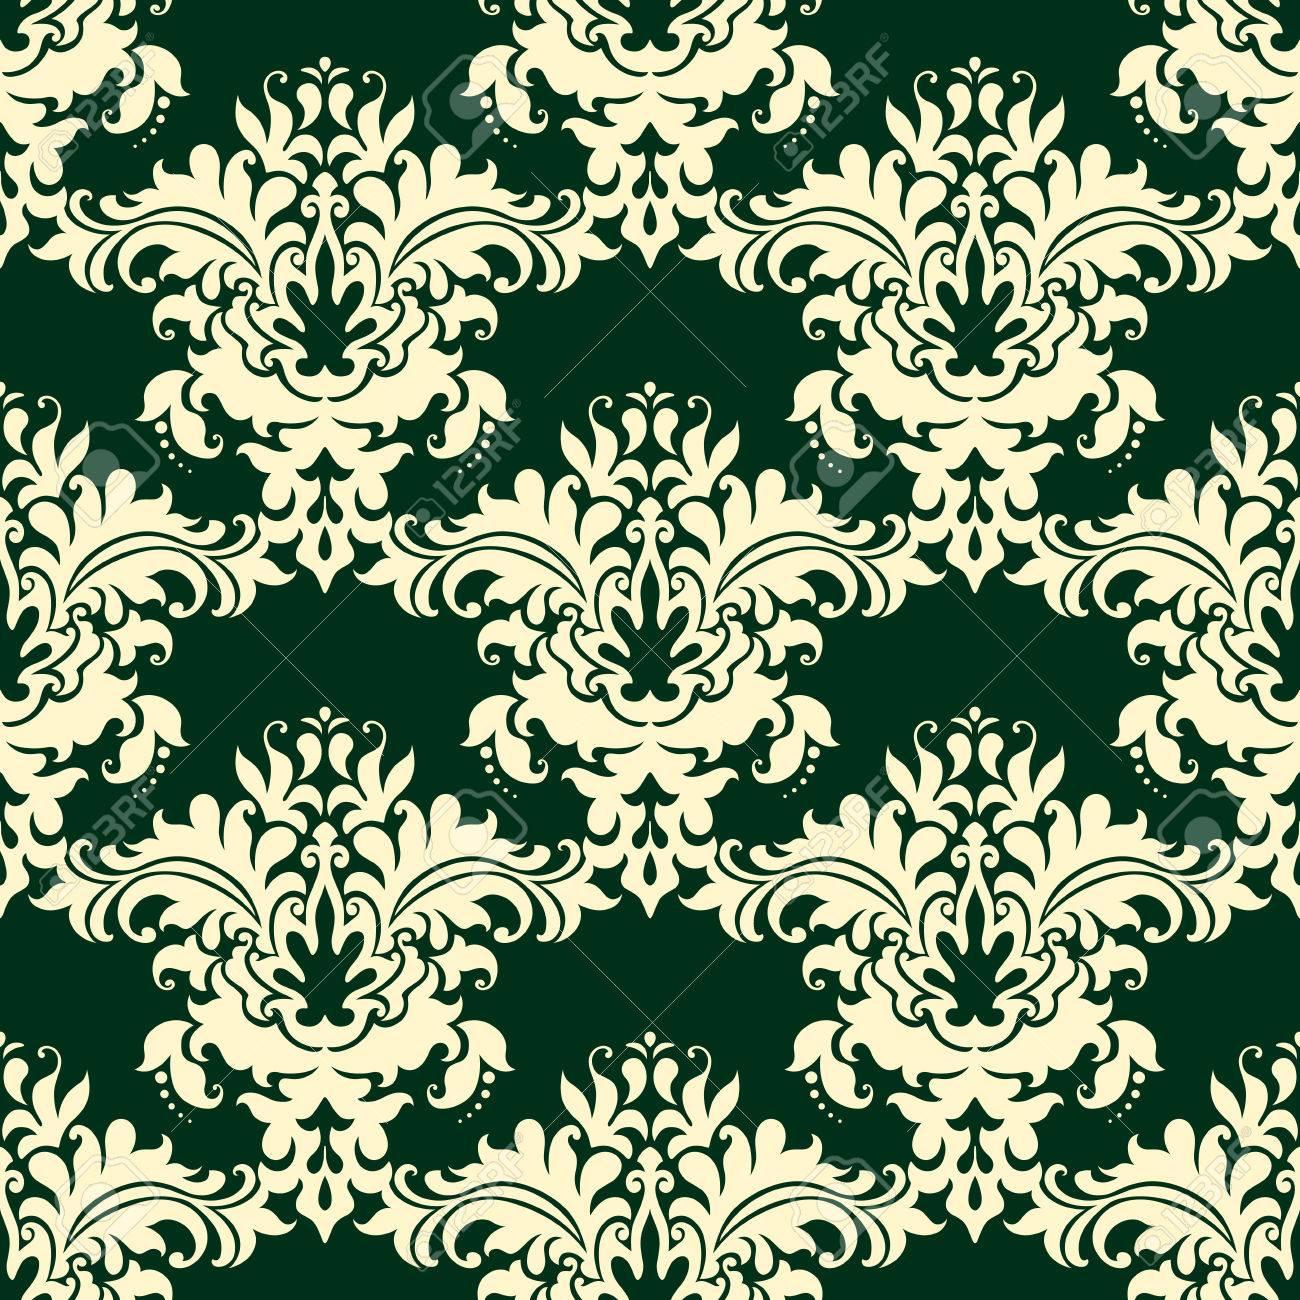 Vintage Beige Floral Seamless Pattern On Dark Green Background